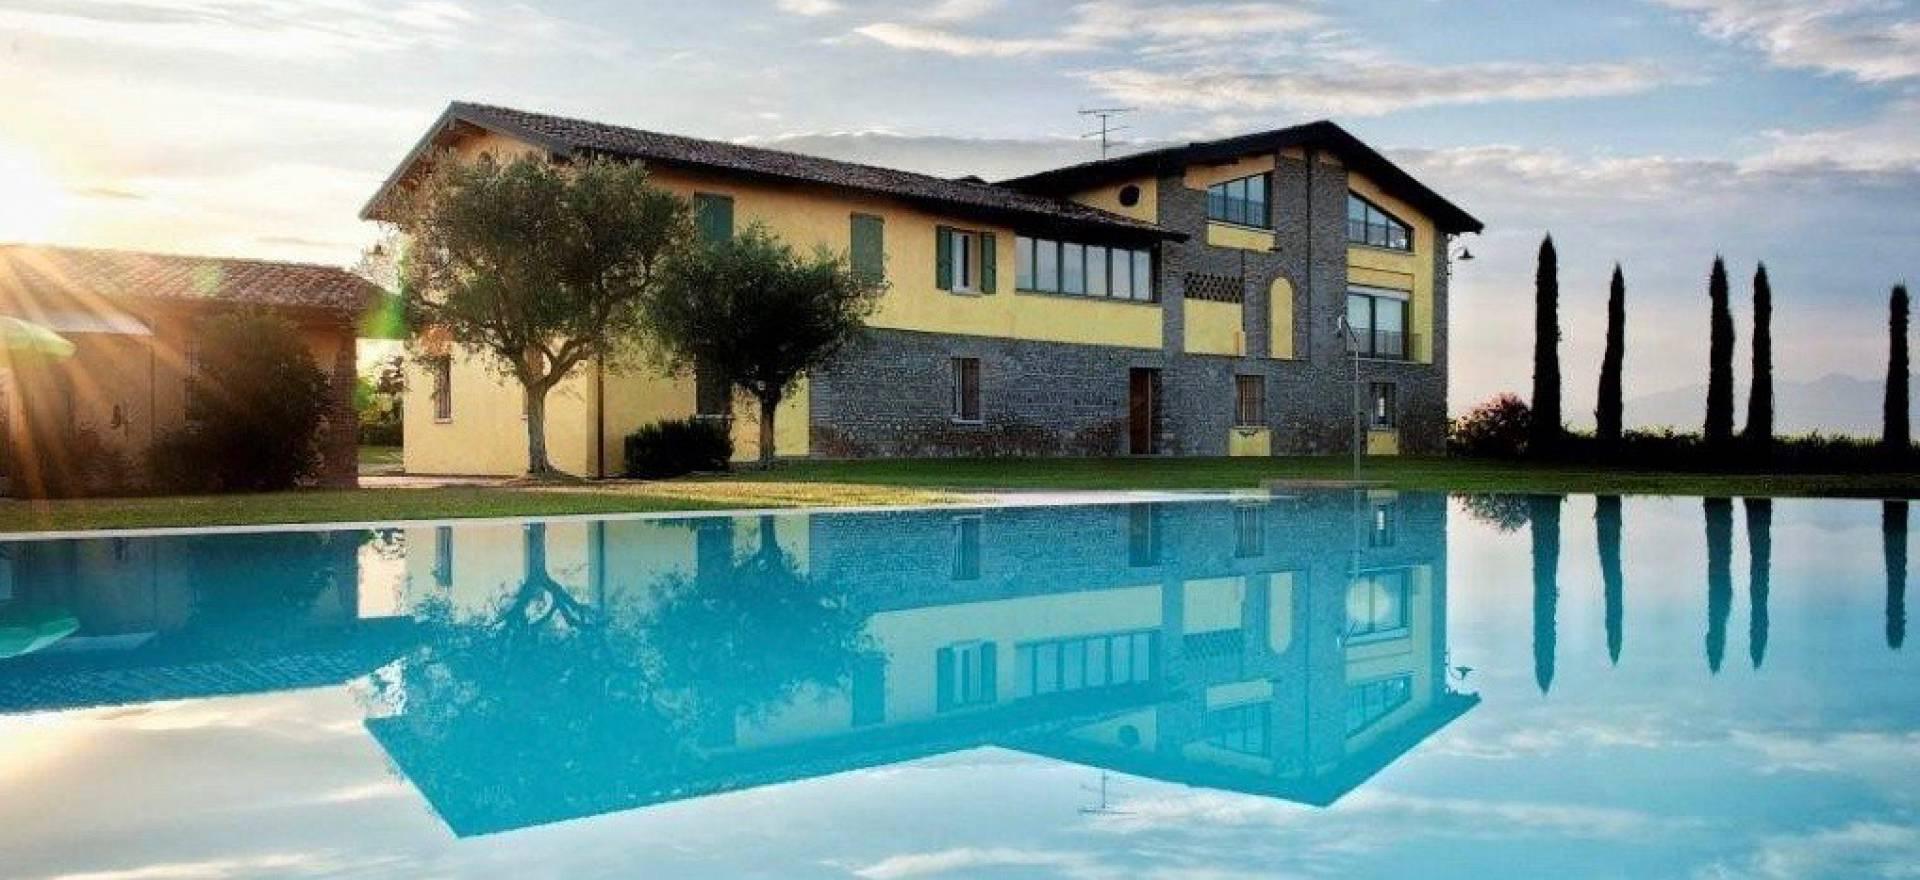 Agriturismo Lago di Como e lago di Garda Agriturismo al lago di Garda circondato da vigneti